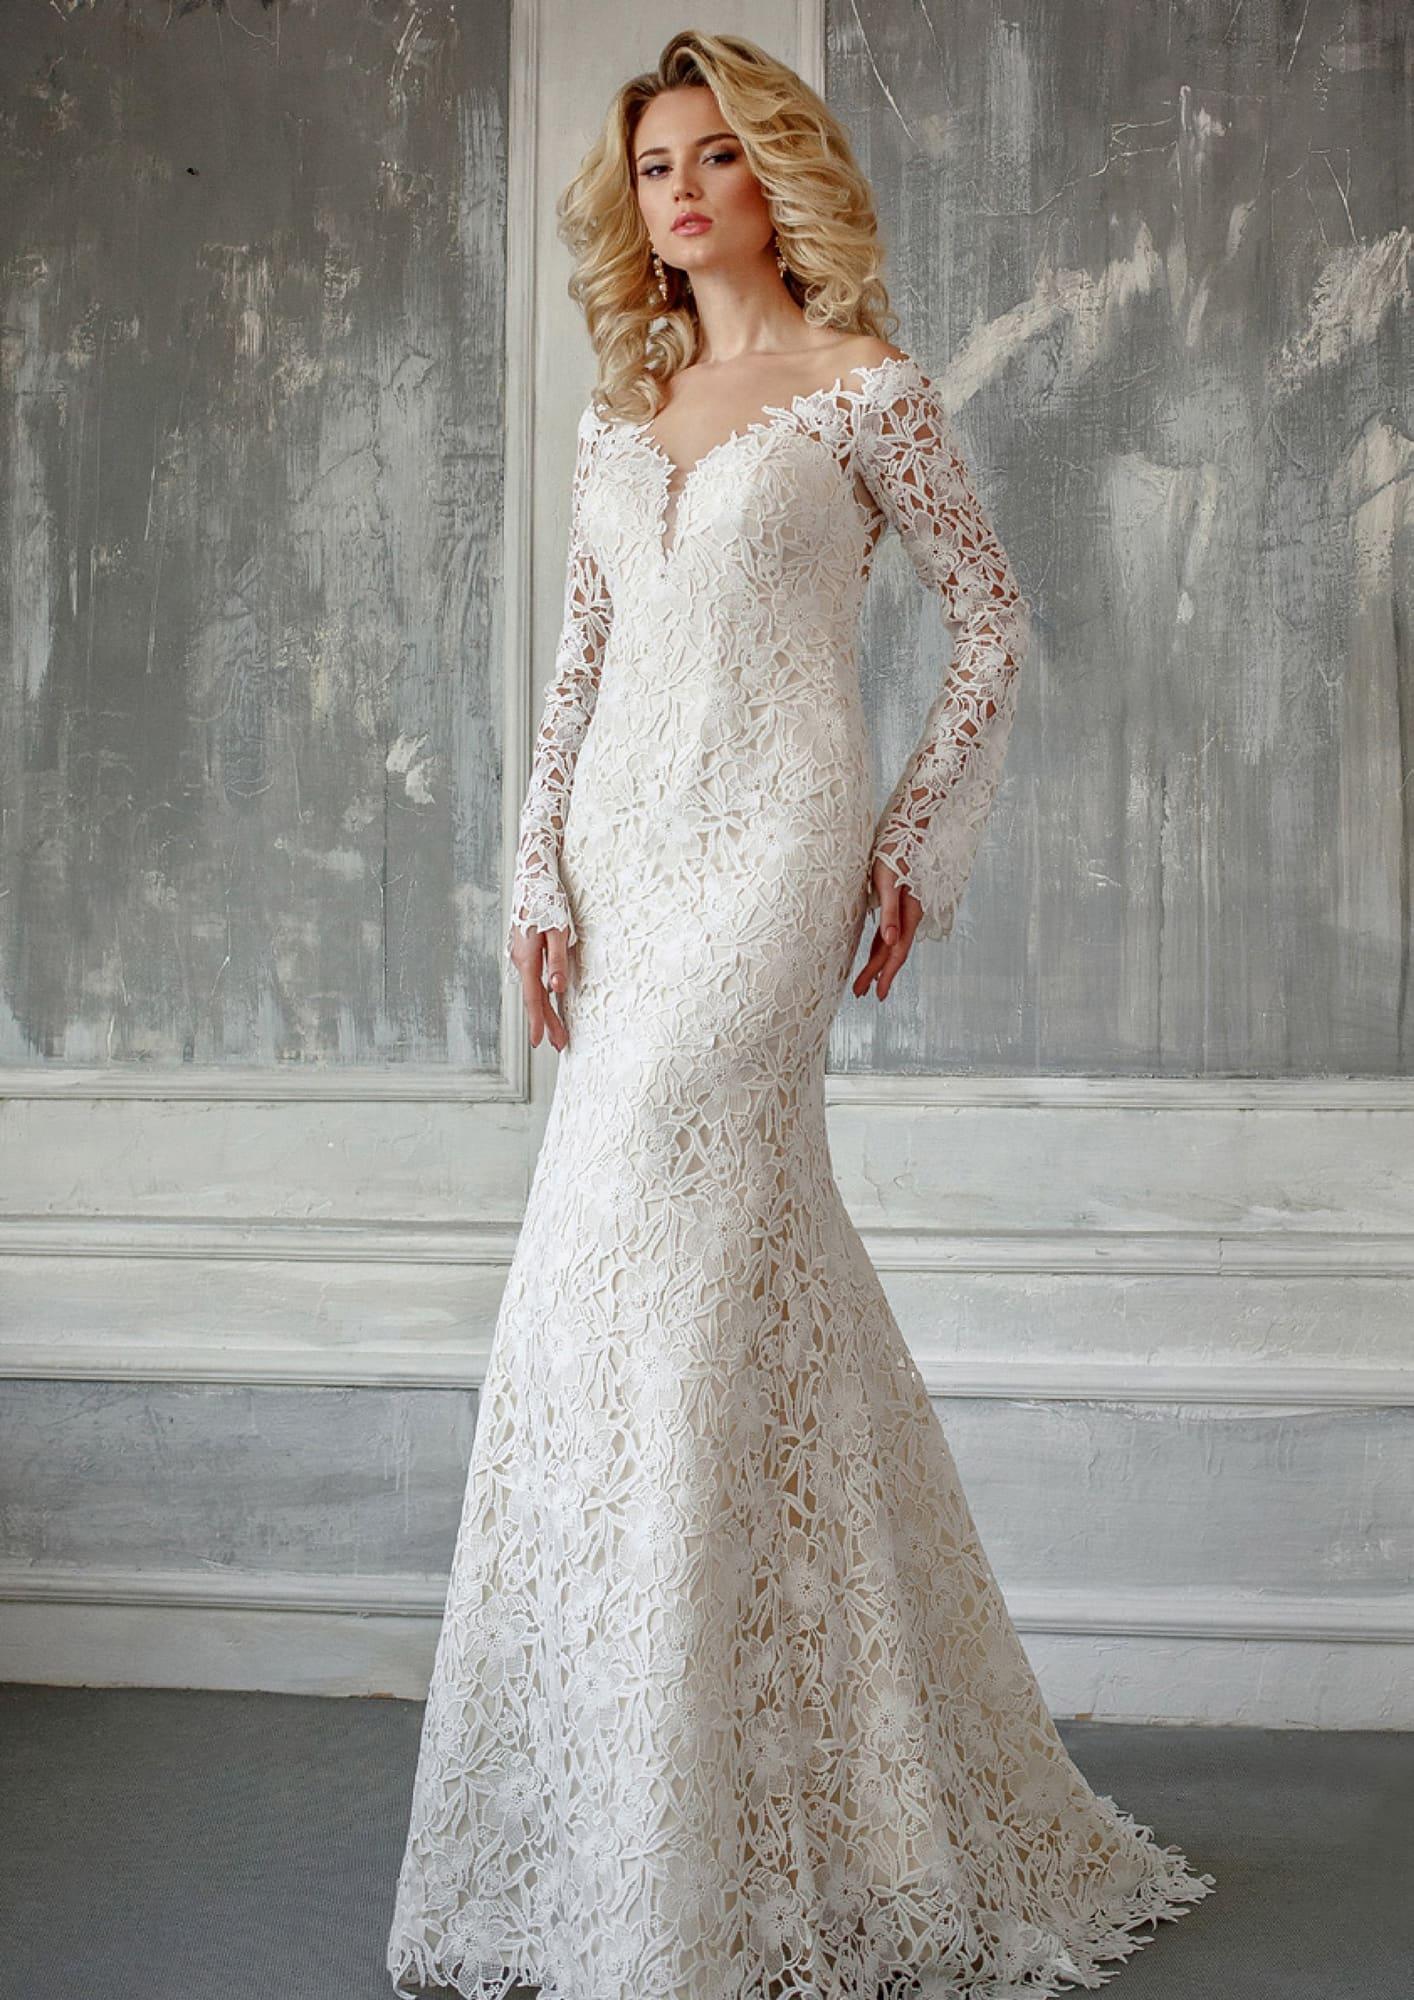 53606efdcf7f981 Эффектное свадебное платье с кружевной отделкой, вырезом и длинным рукавом.